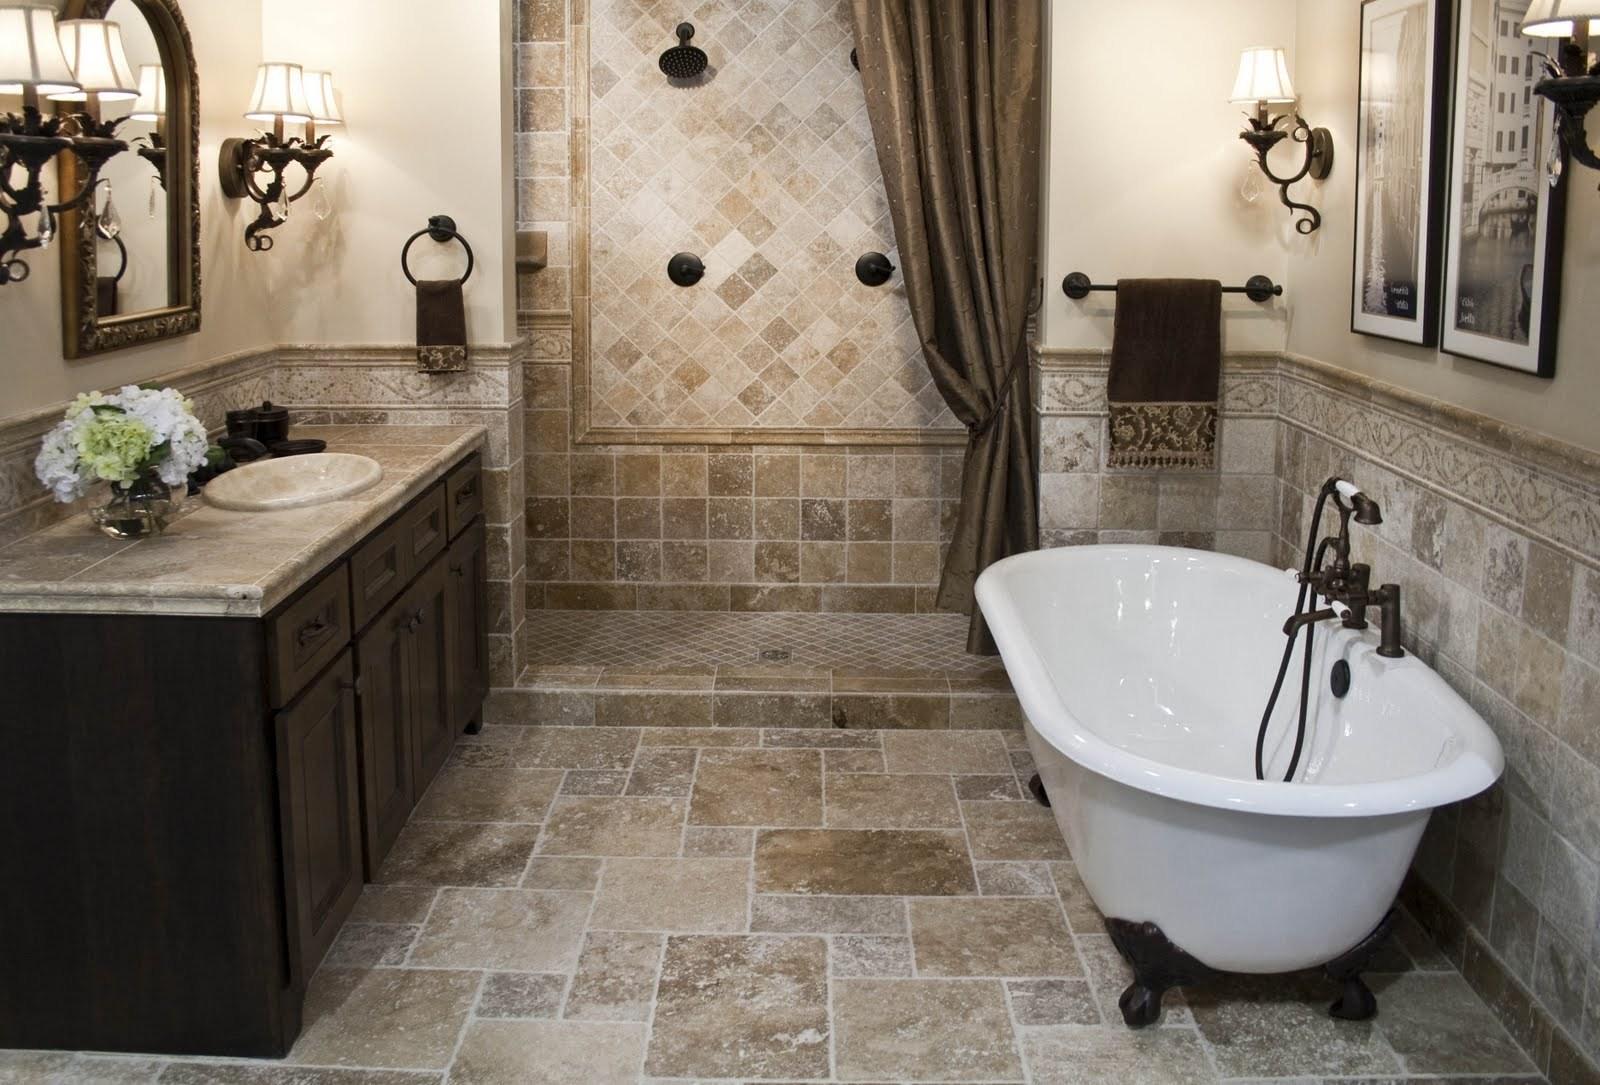 Ideas To Remodel A Bathroom Bathroom Remodel Ideas  Bay Easy Construction